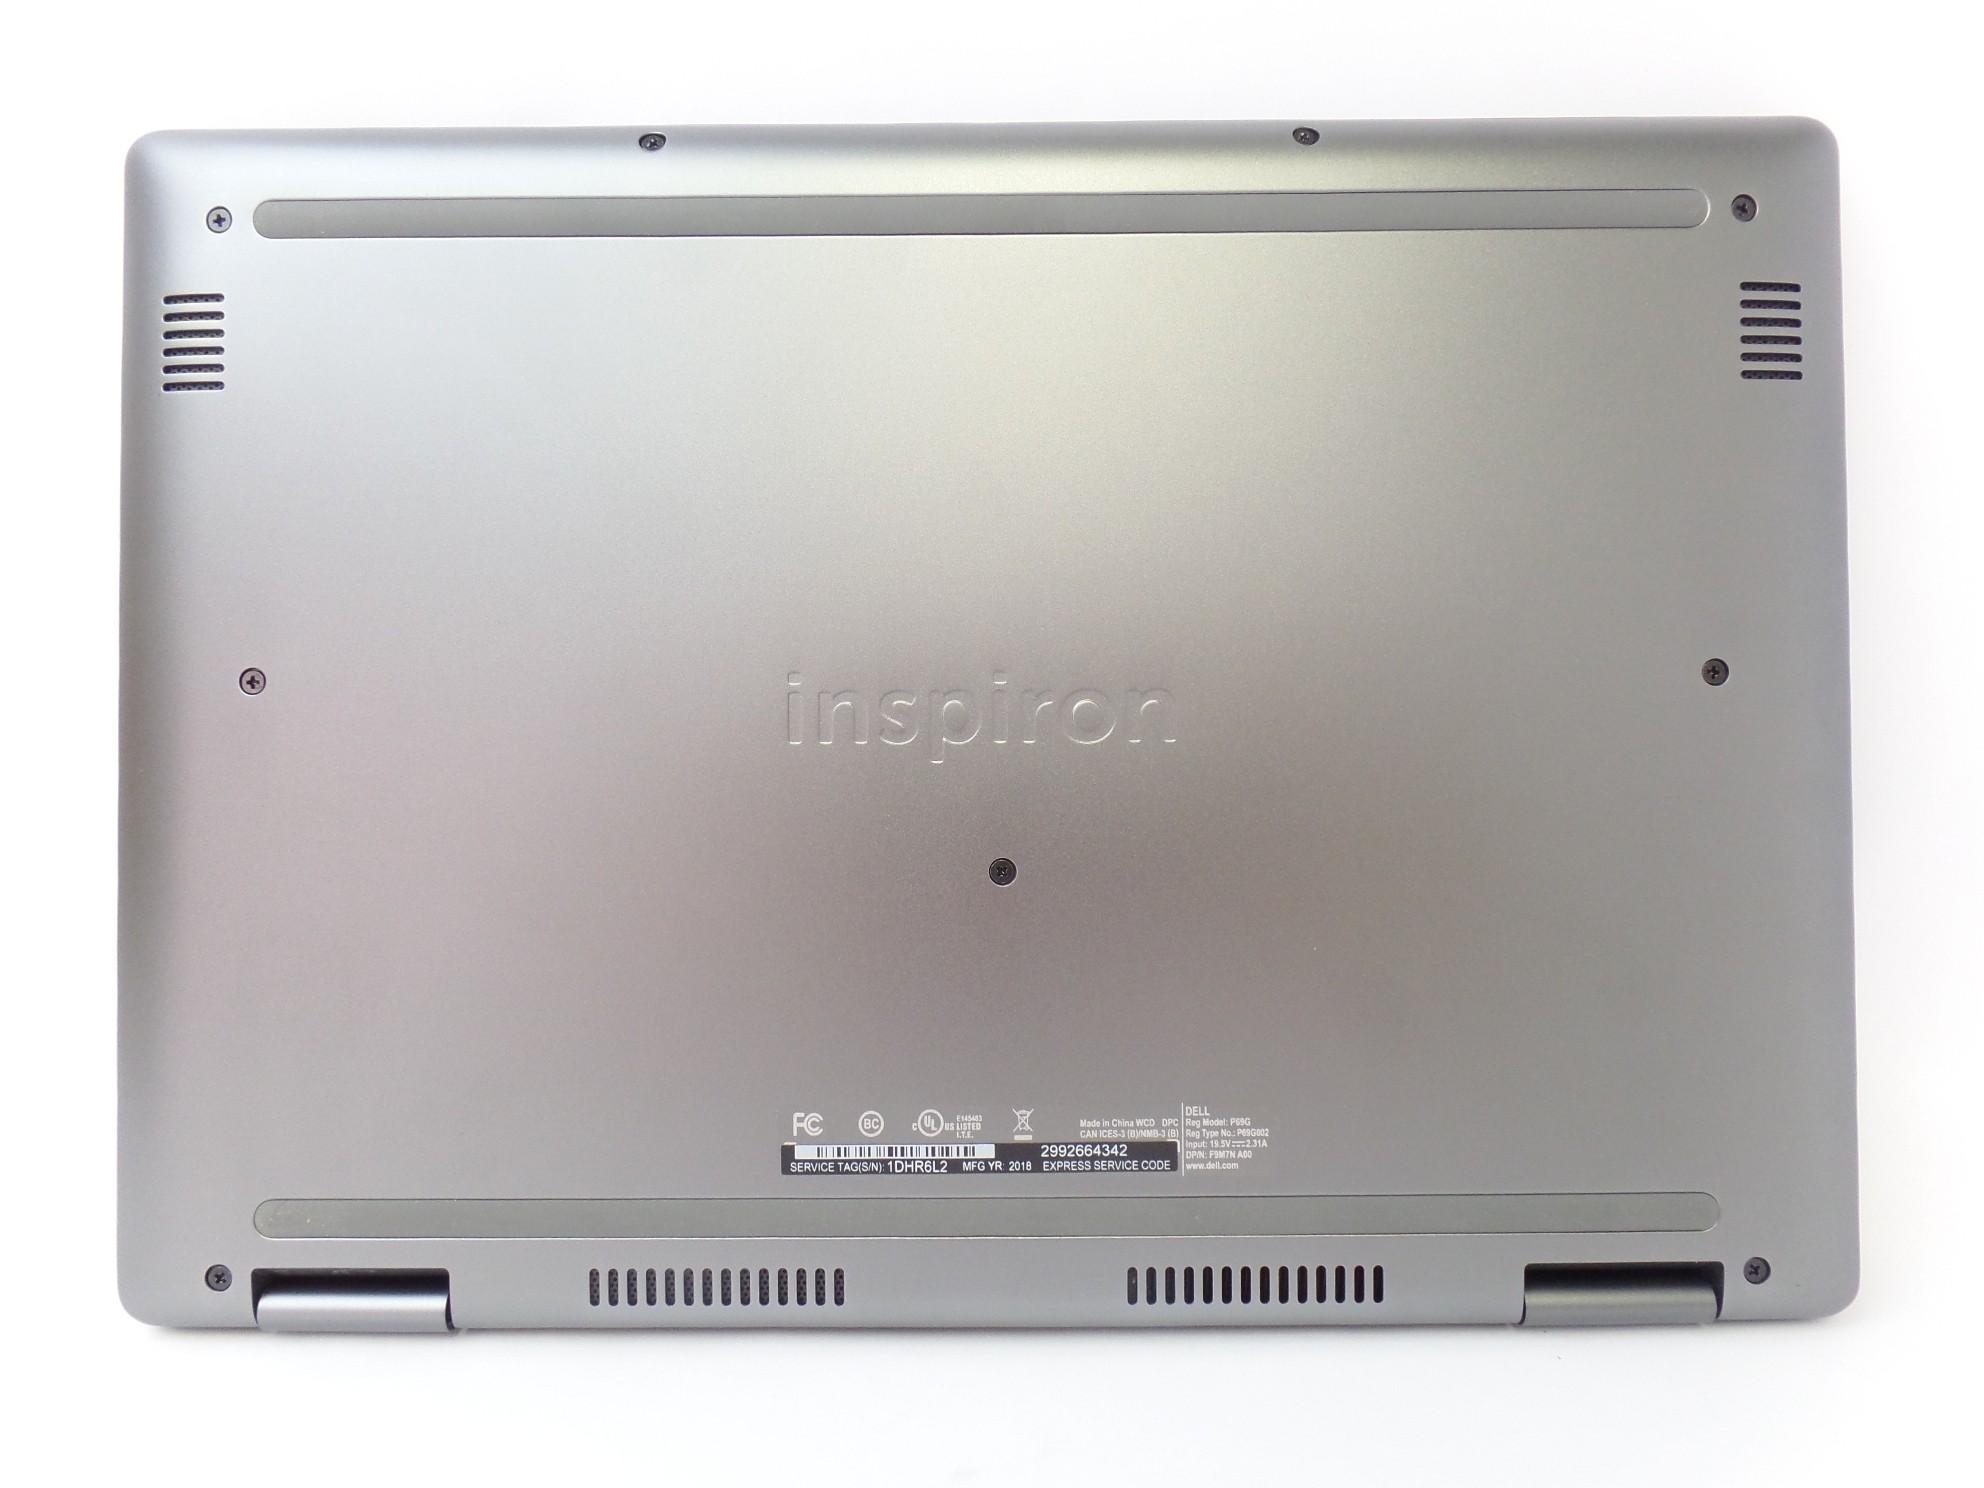 Dell Inspiron 7375 13 3